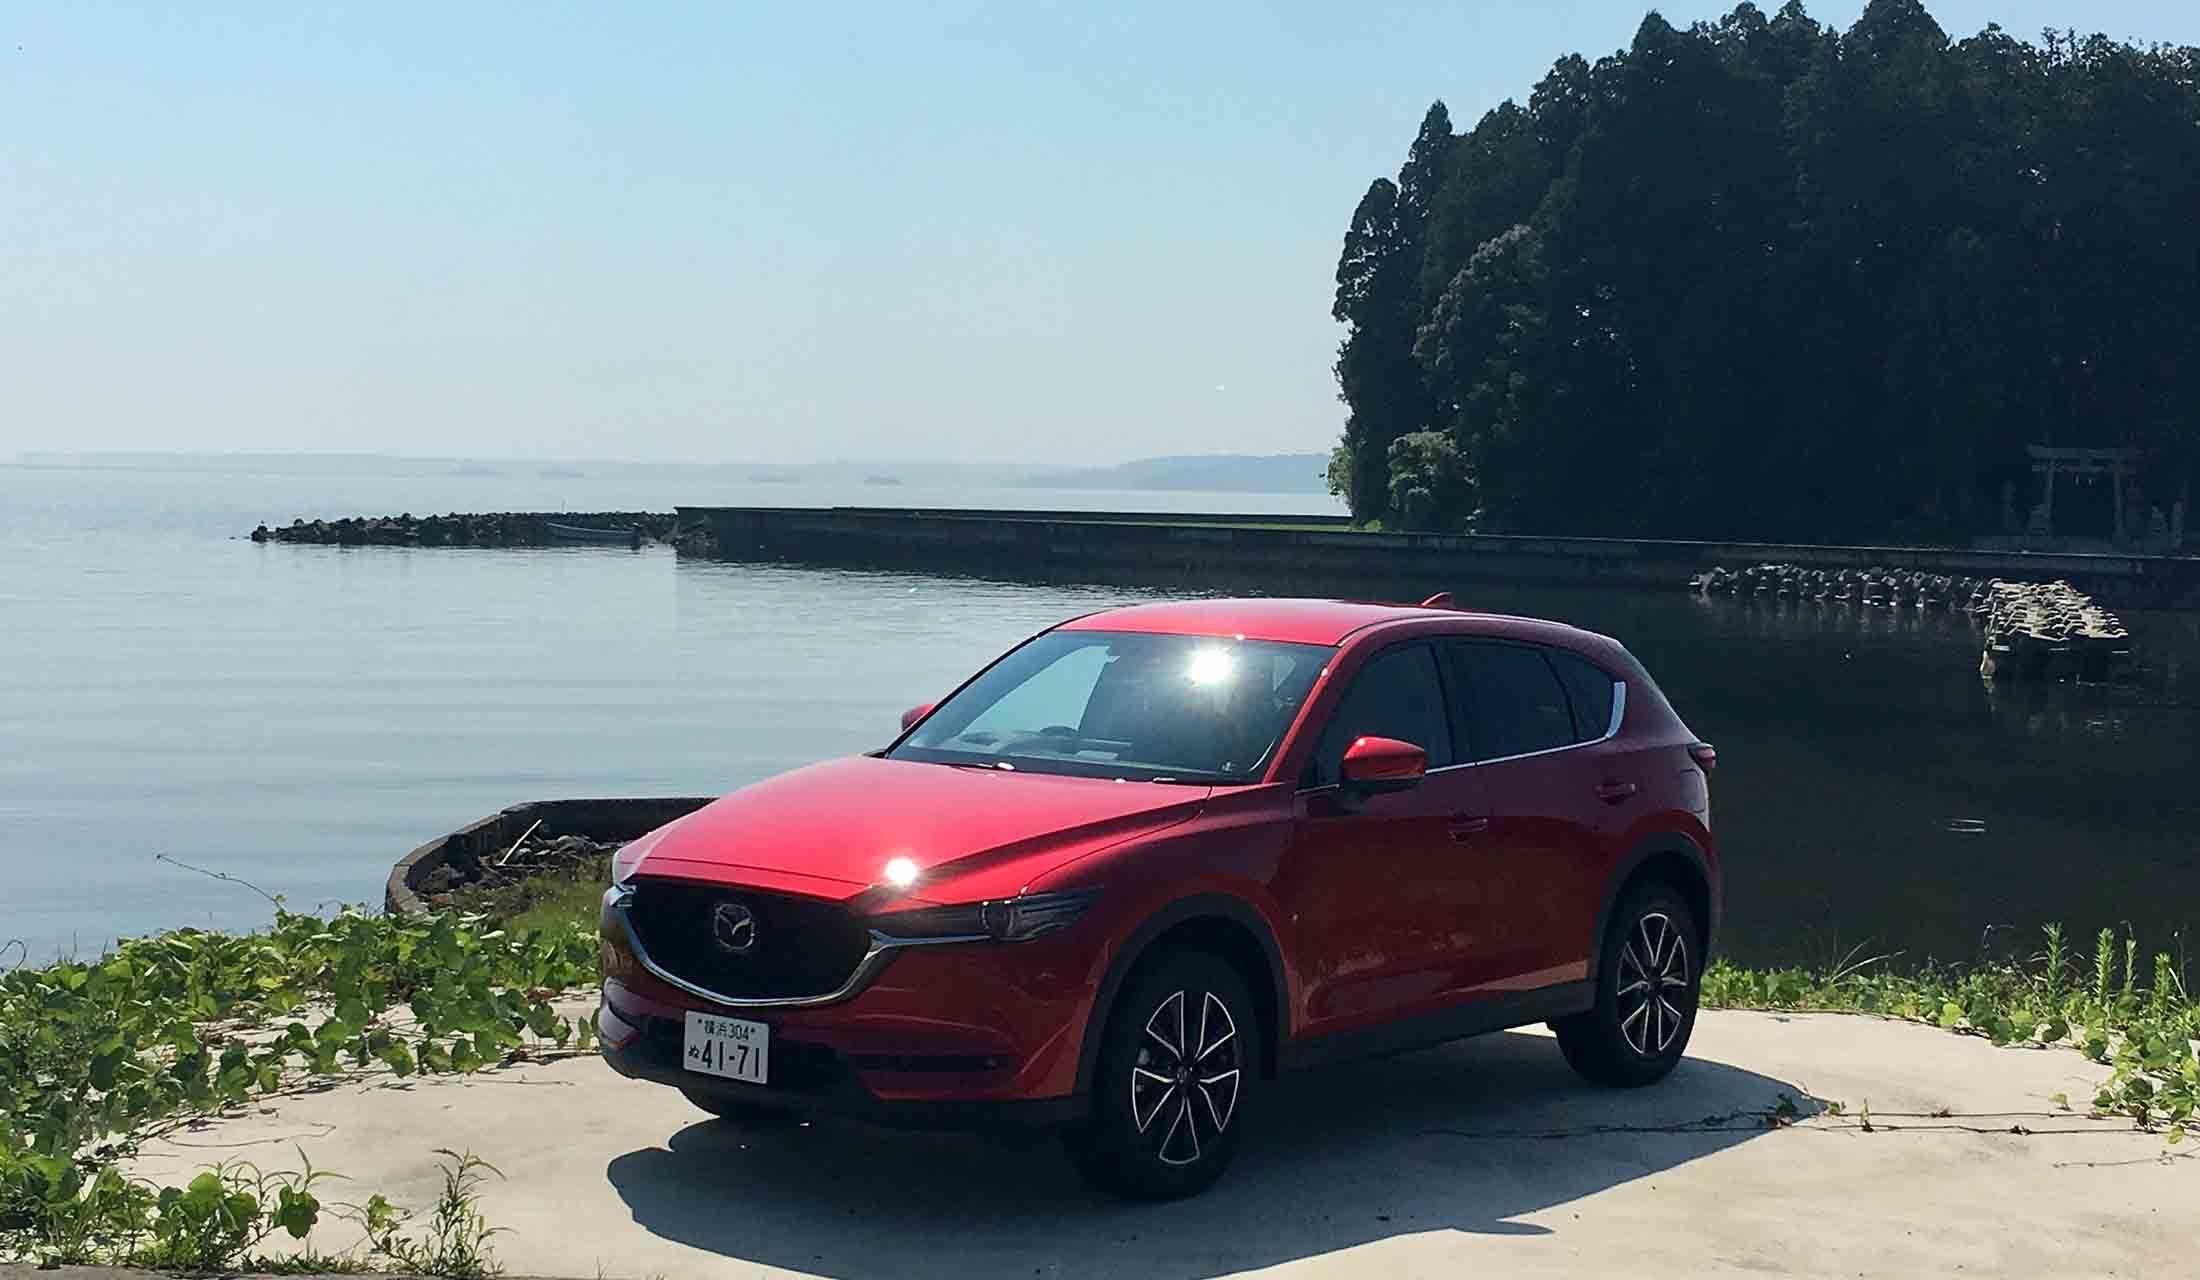 日本の自動車メーカー、マツダの車CX-5